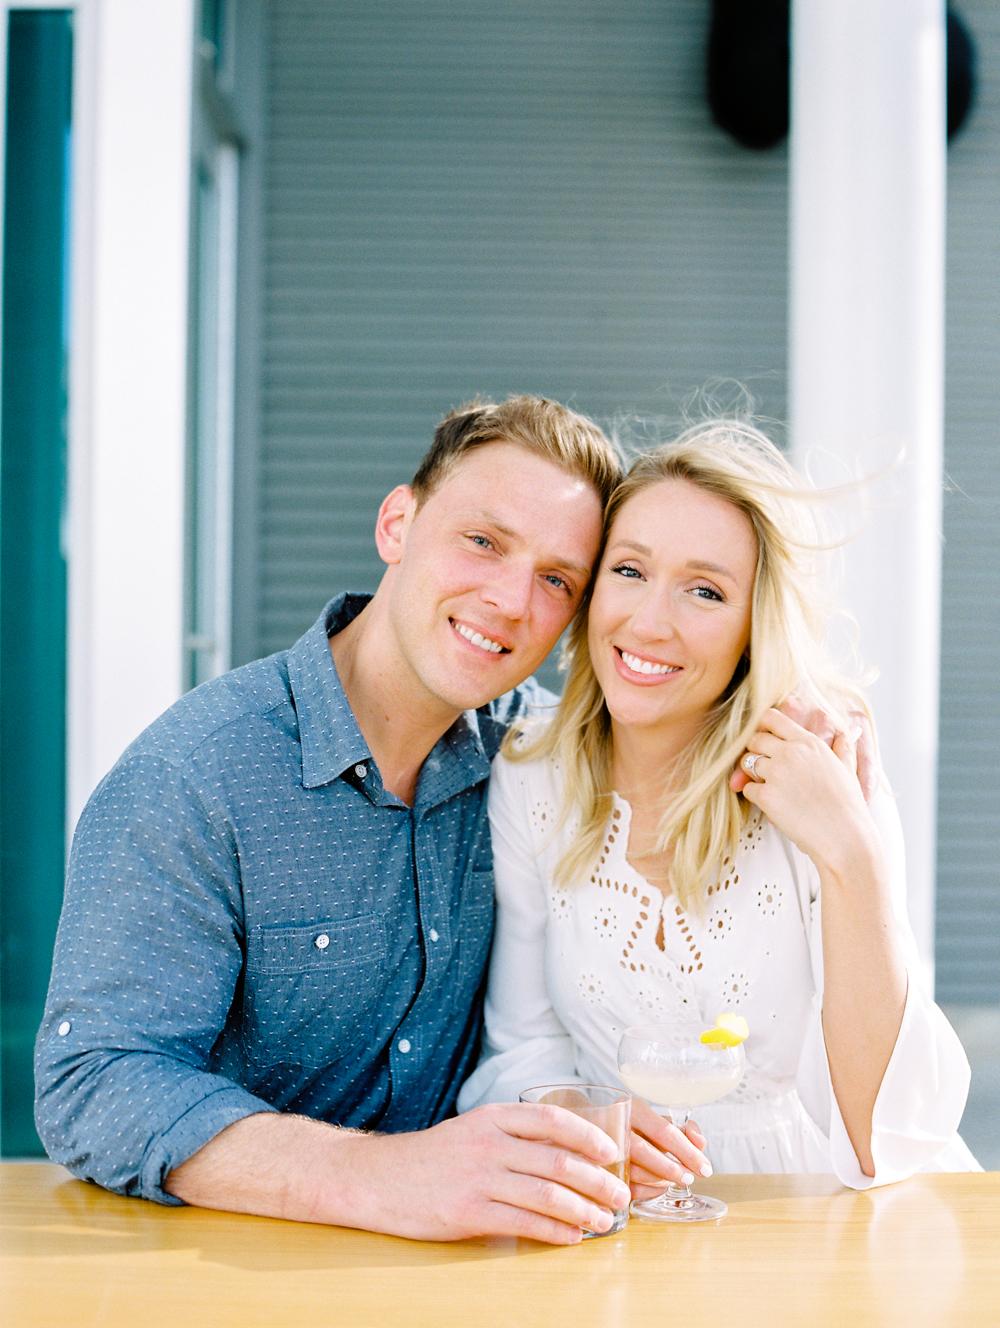 Best-Austin-Denver-California-Wedding-Photographers-fine-art-film-Engagement-Session-50.jpg